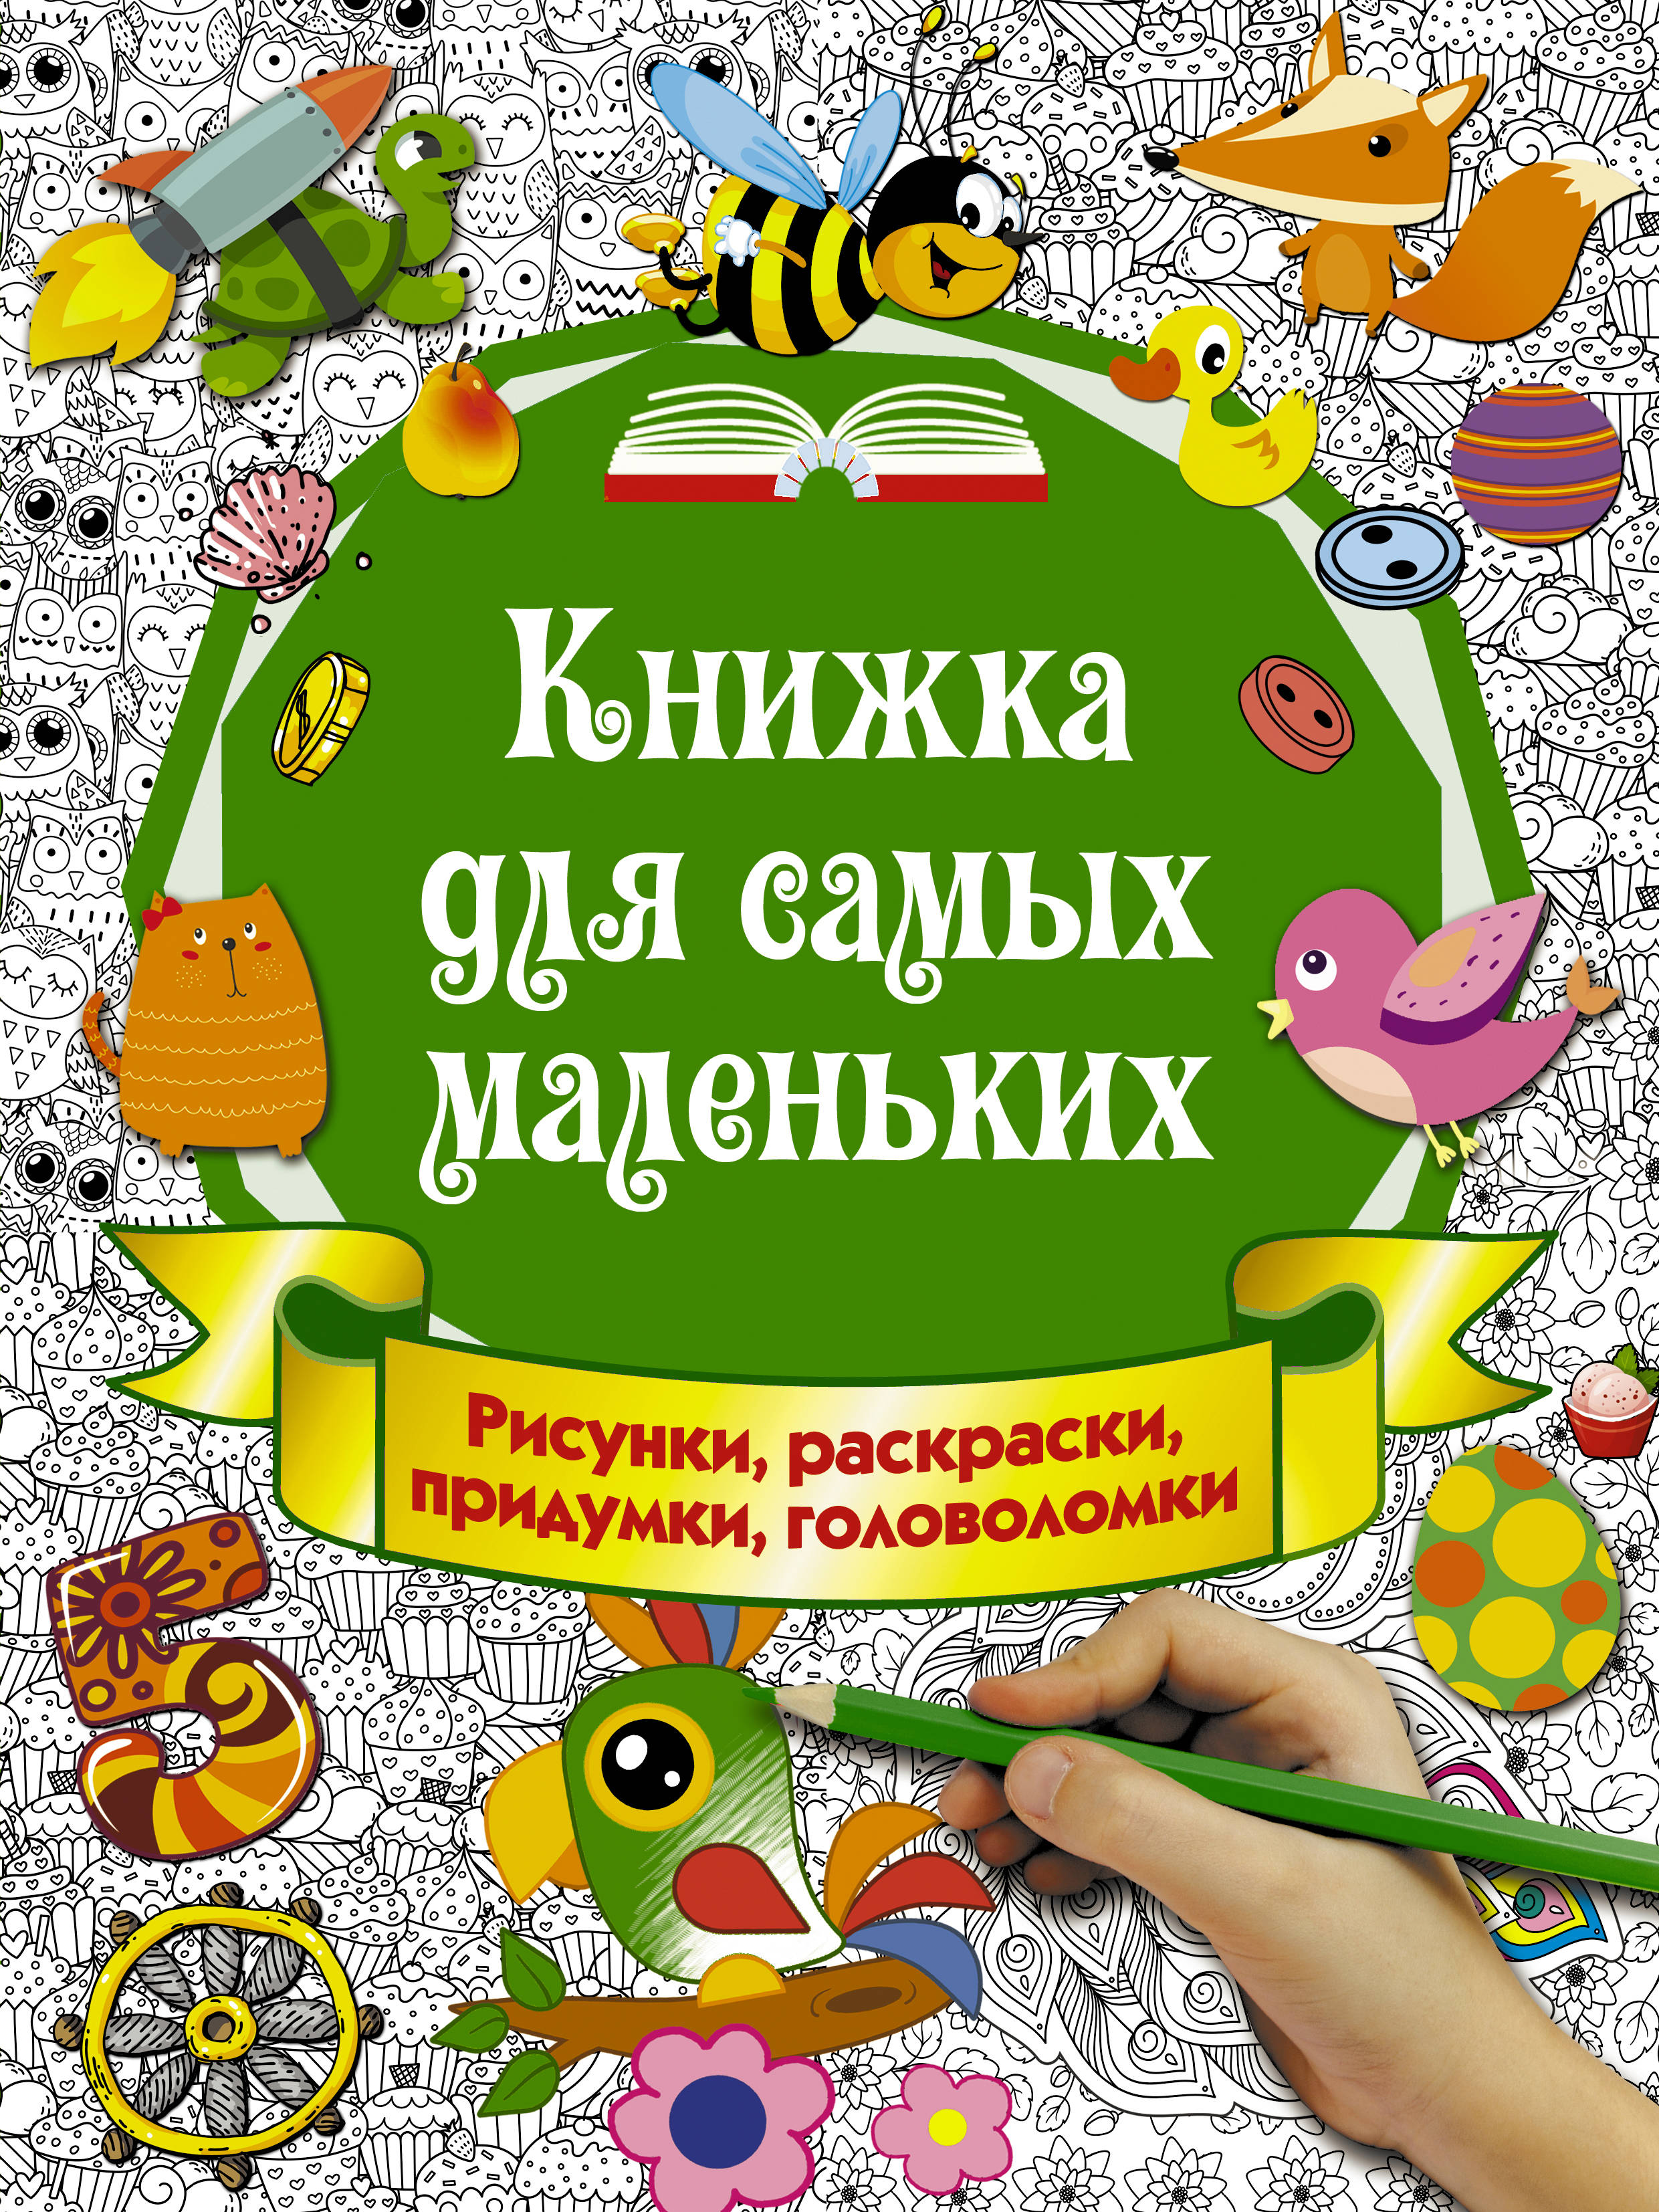 Горбунова И.В. Книжка для самых маленьких. Рисунки, раскраски, придумки, головоломки